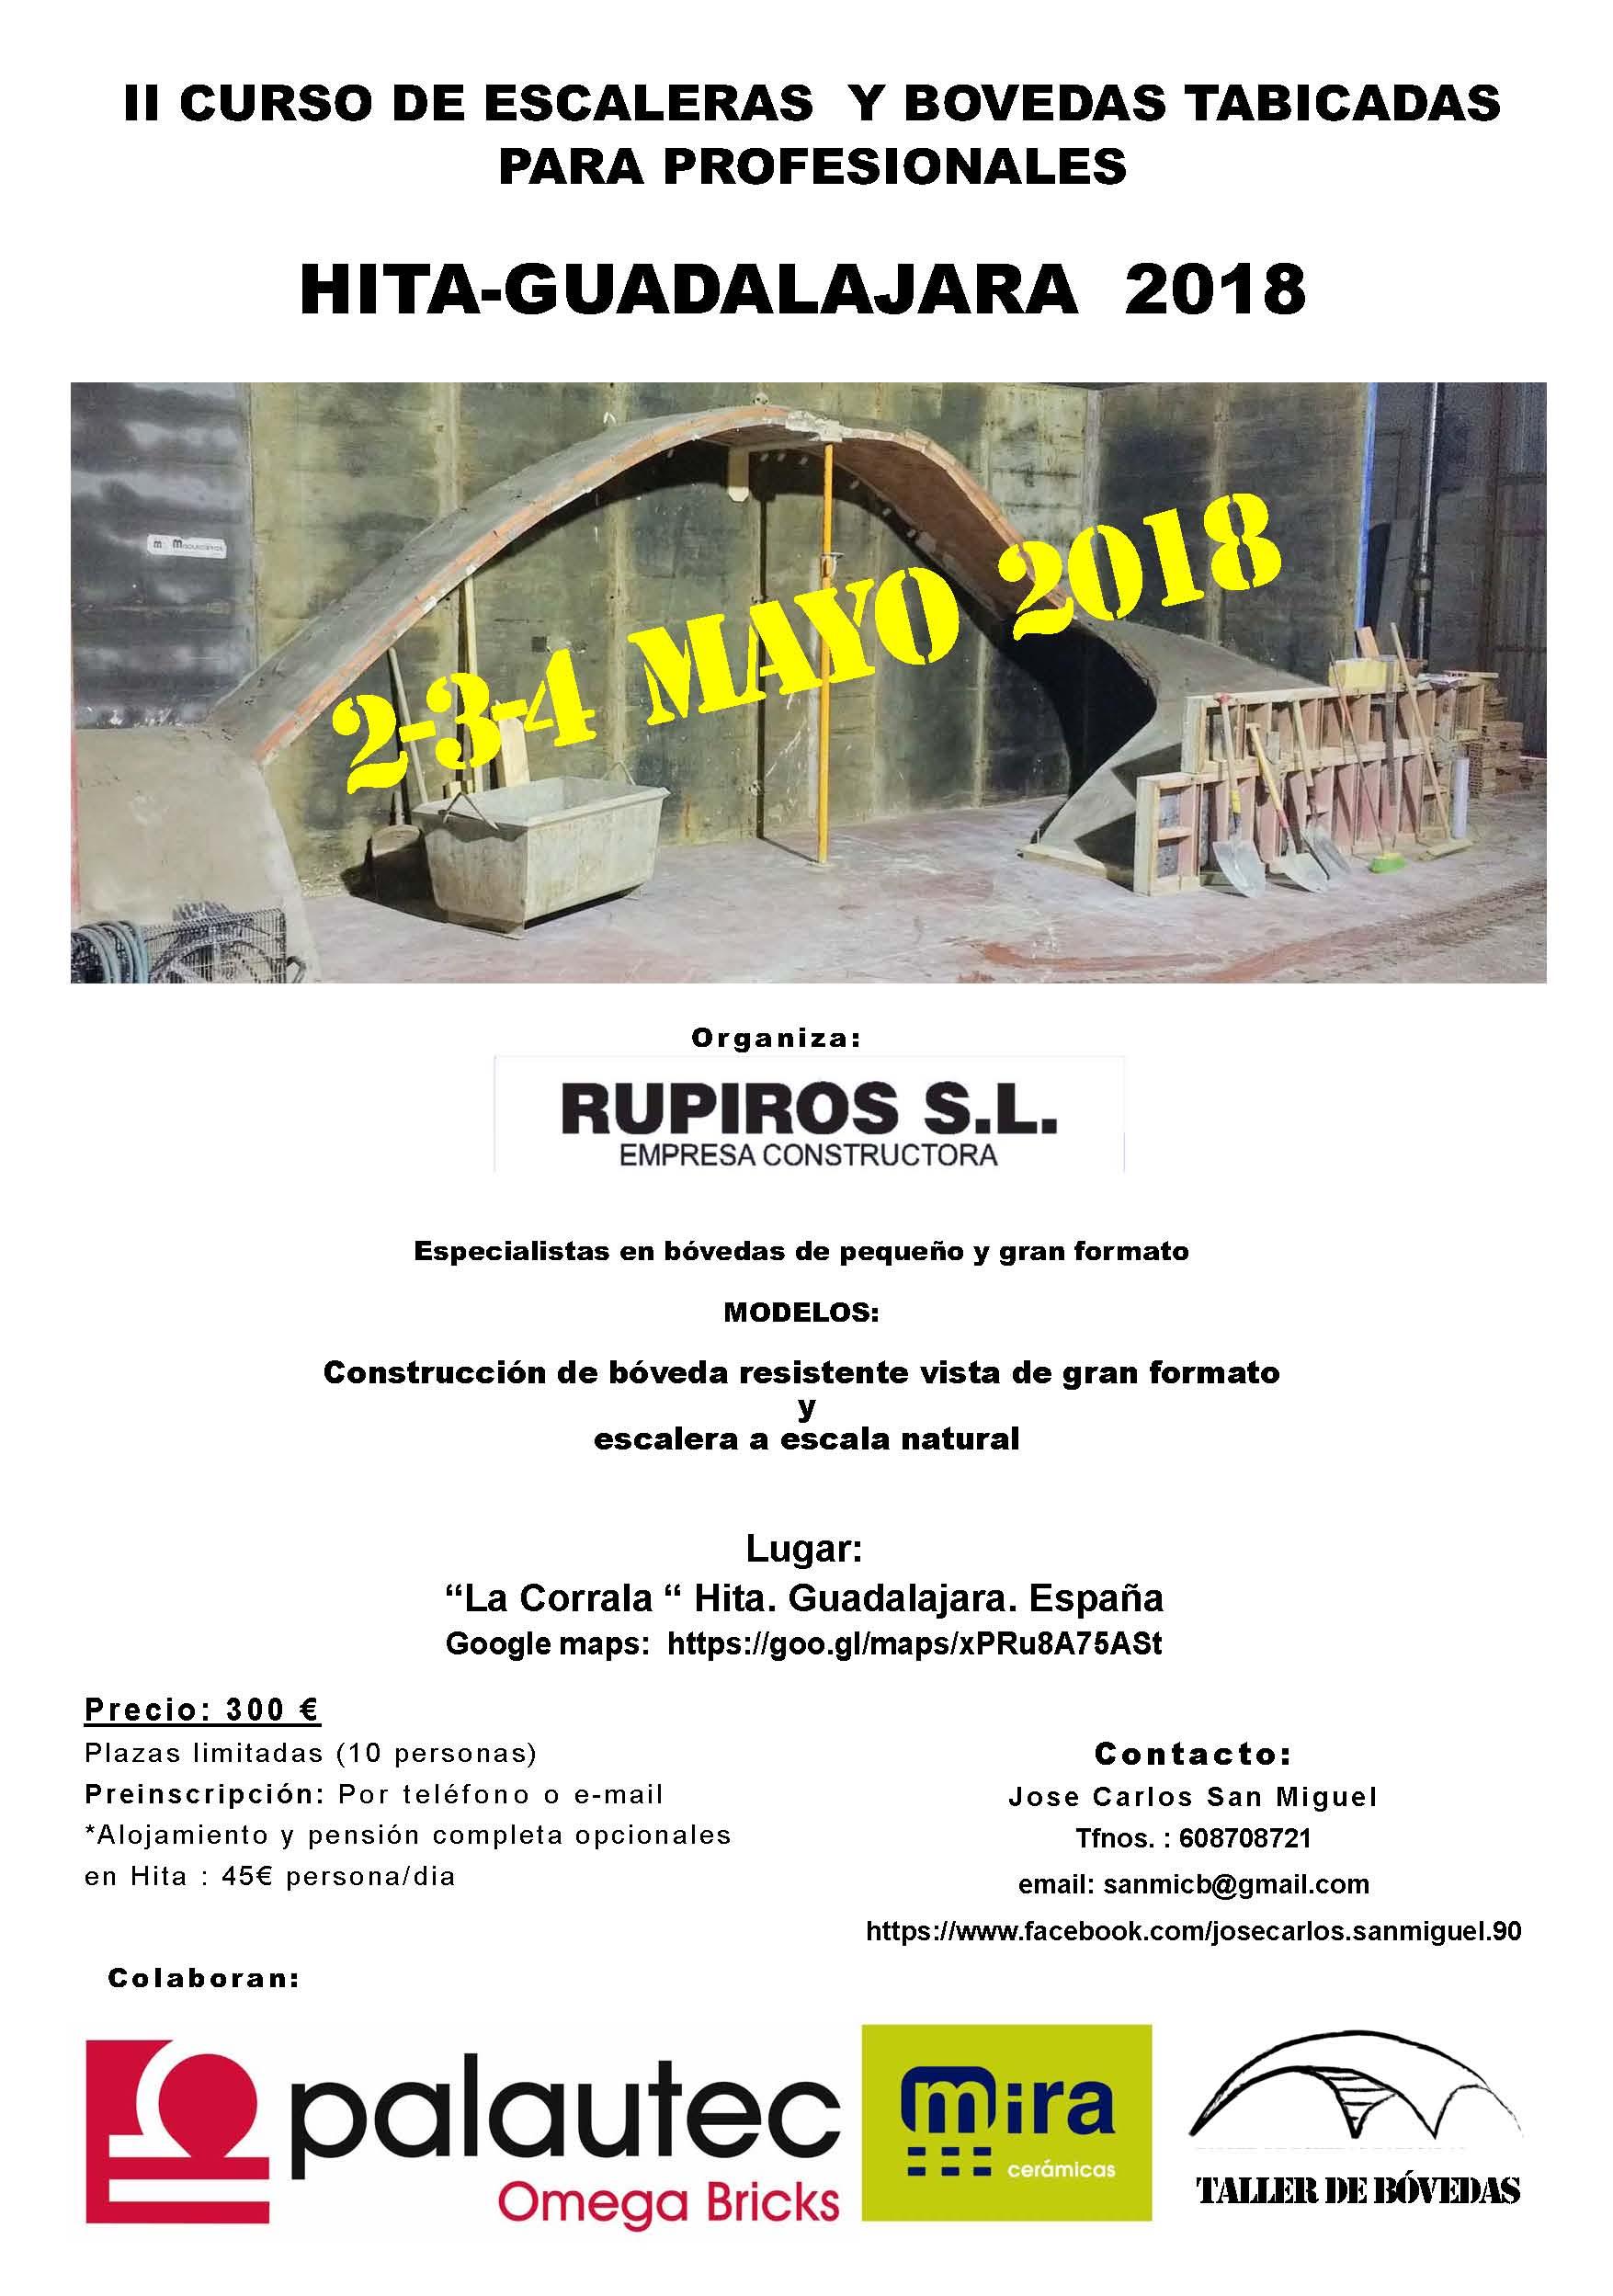 VII Taller de bóvedas tabicadas Guadalajara